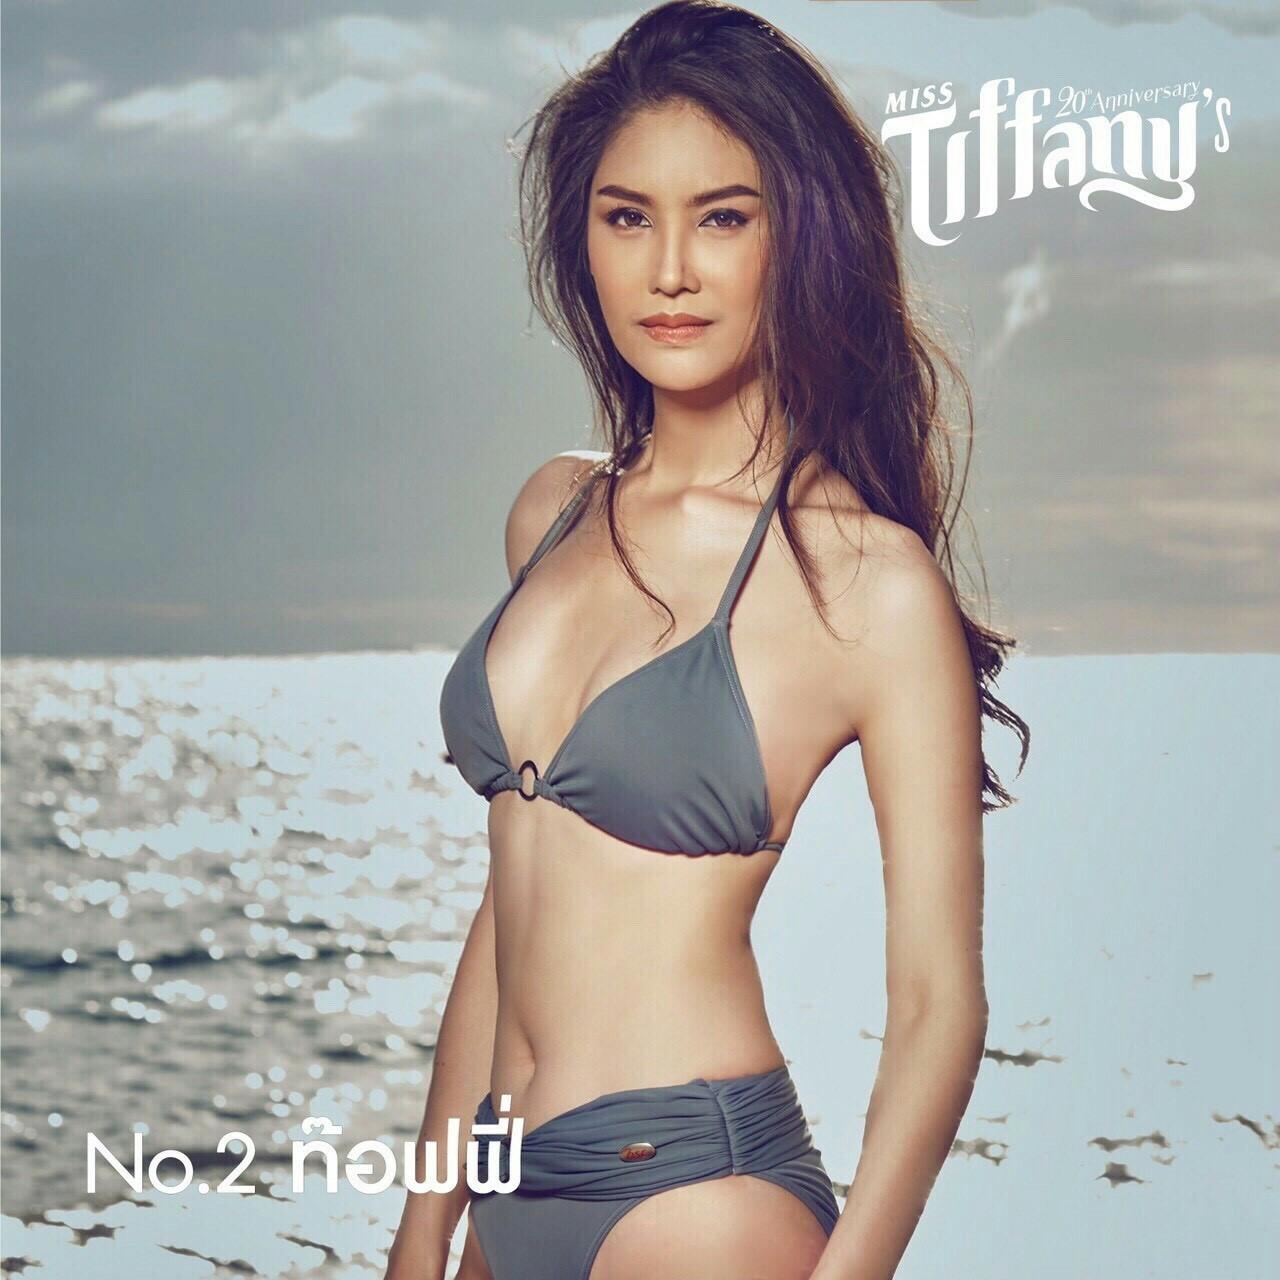 Ngắm body bốc lửa của dàn thí sinh Hoa hậu Chuyển giới Thái Lan, cô gái nào mà không khỏi ghen tị! - Ảnh 2.